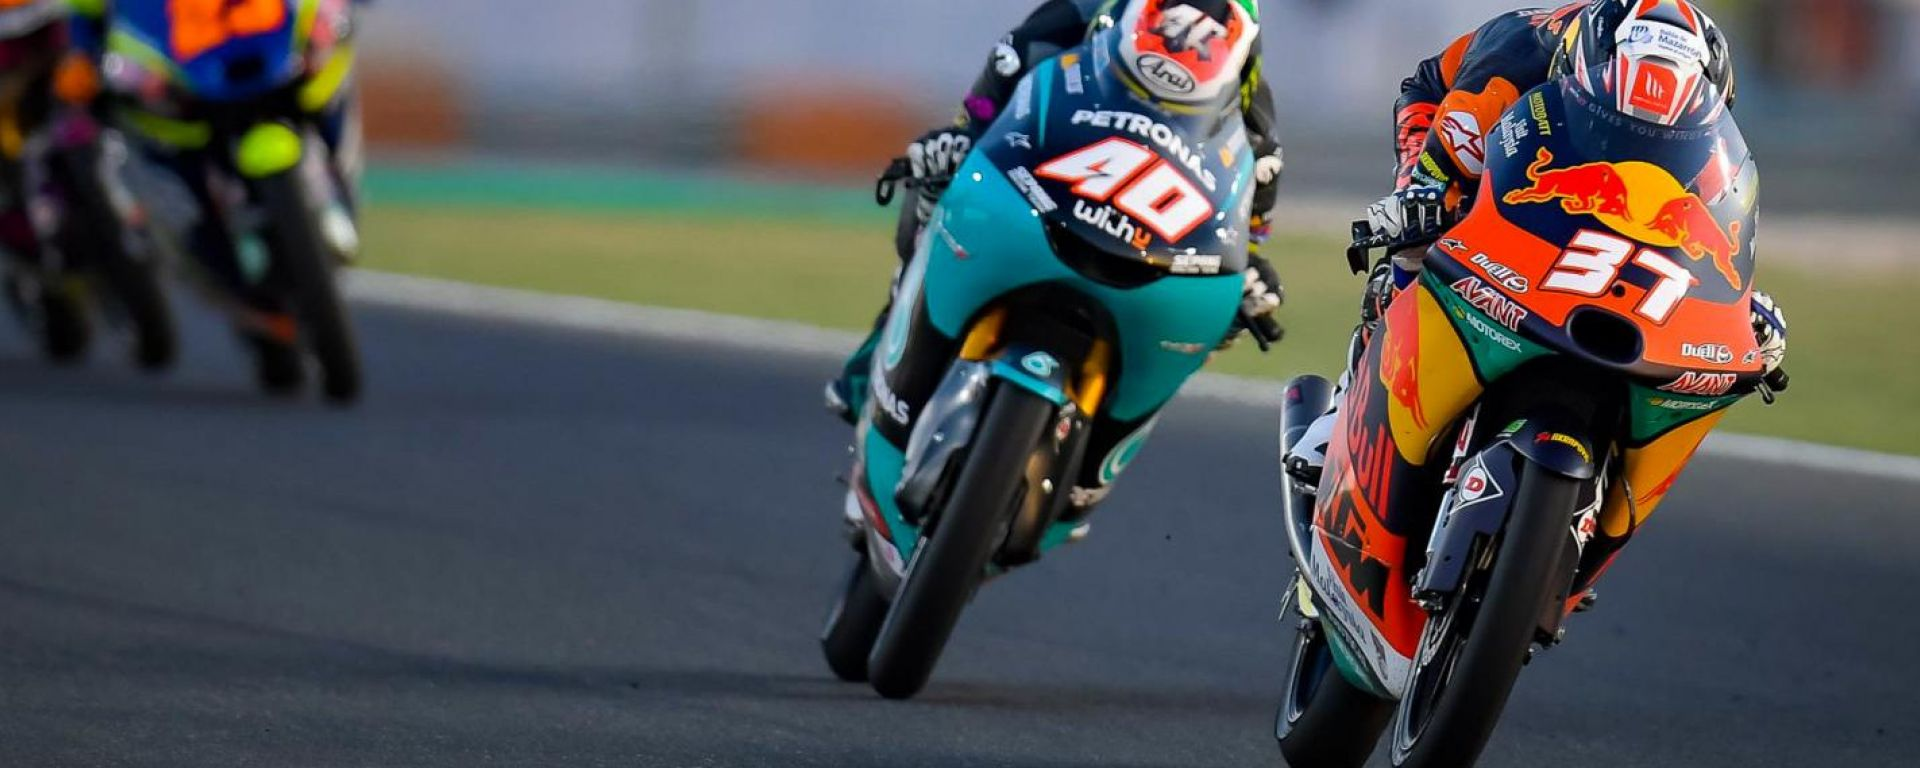 11° Pedro Acosta – GP Doha 2021 Moto3 a 16 anni e 314 giorni - In gara davanti a Darryn Binder